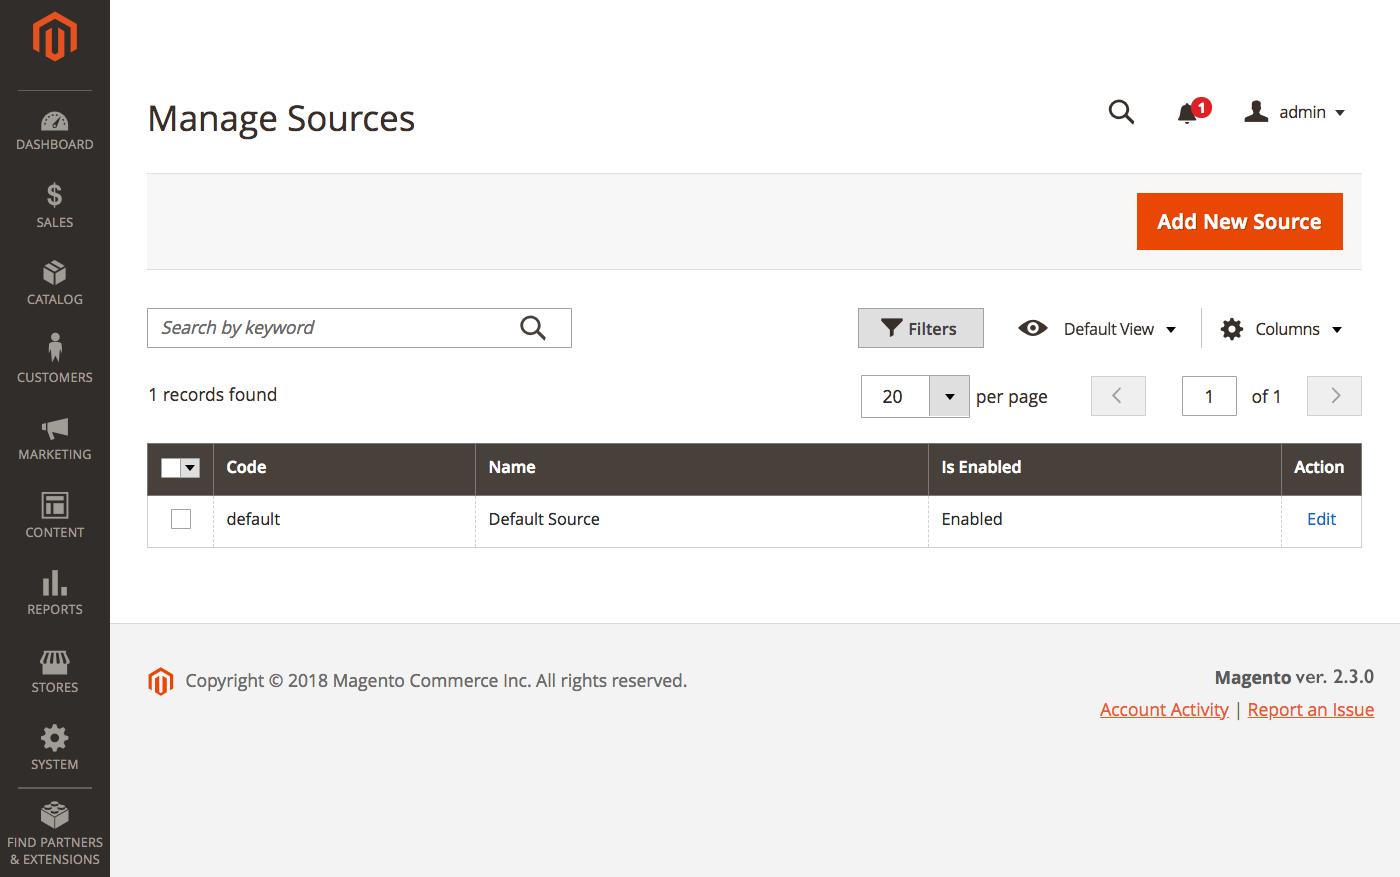 إضافة مصدر جديد لمتجرك (New Source) على ماجنتو 2